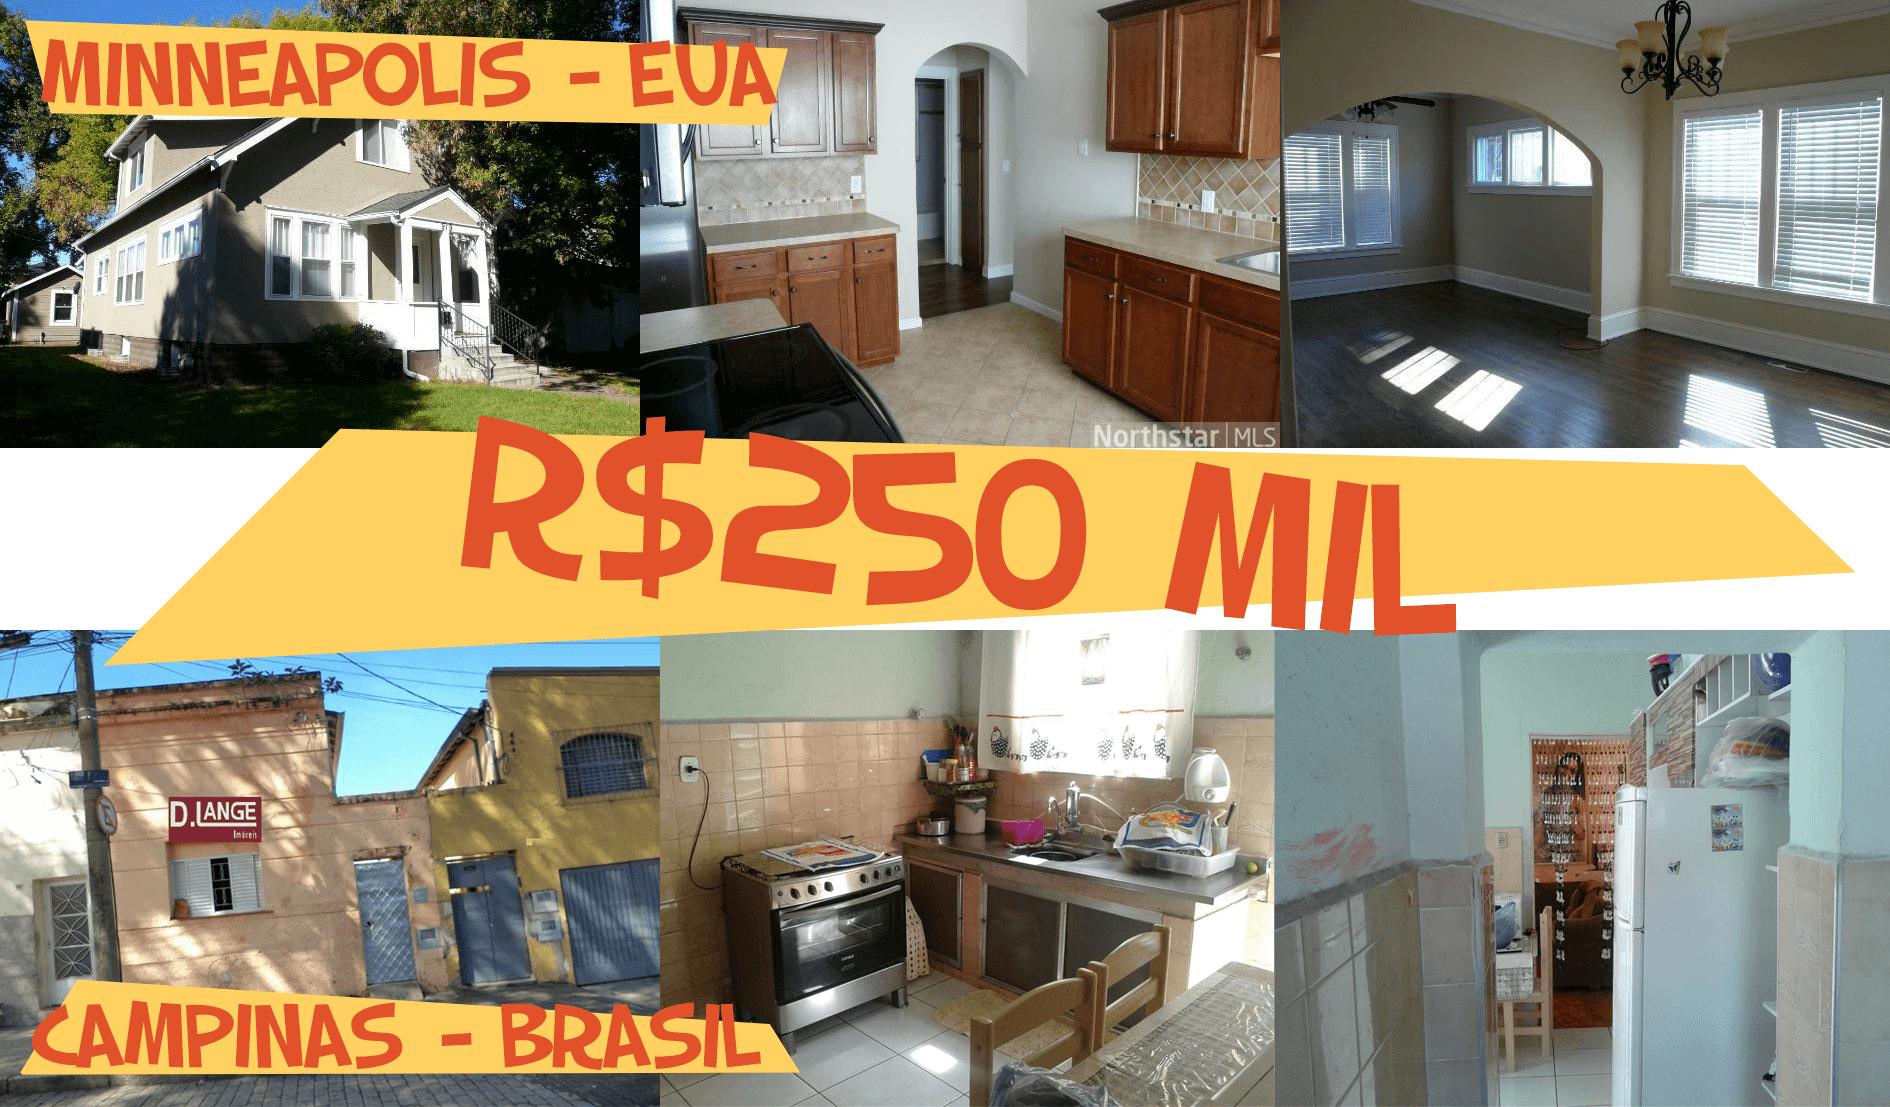 bolha imobiliaria brasil 2